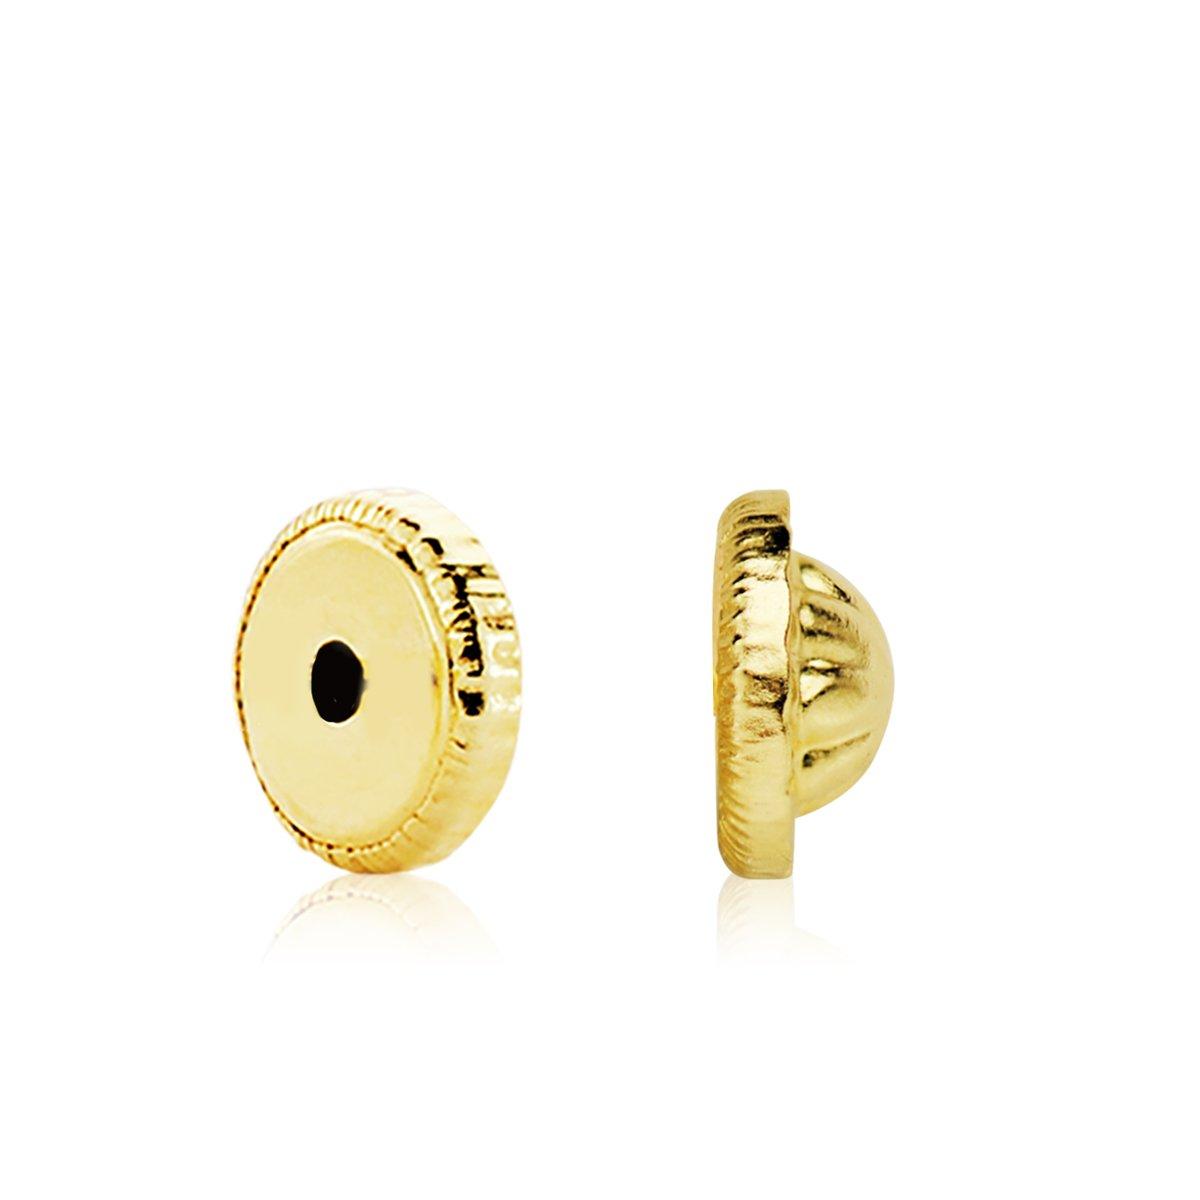 Iyé Biyé Jewels Boucles d'oreilles pour bébé or jaune 18ktes 4mm avec fermoir écrou Iyé Biyé Jewels 433